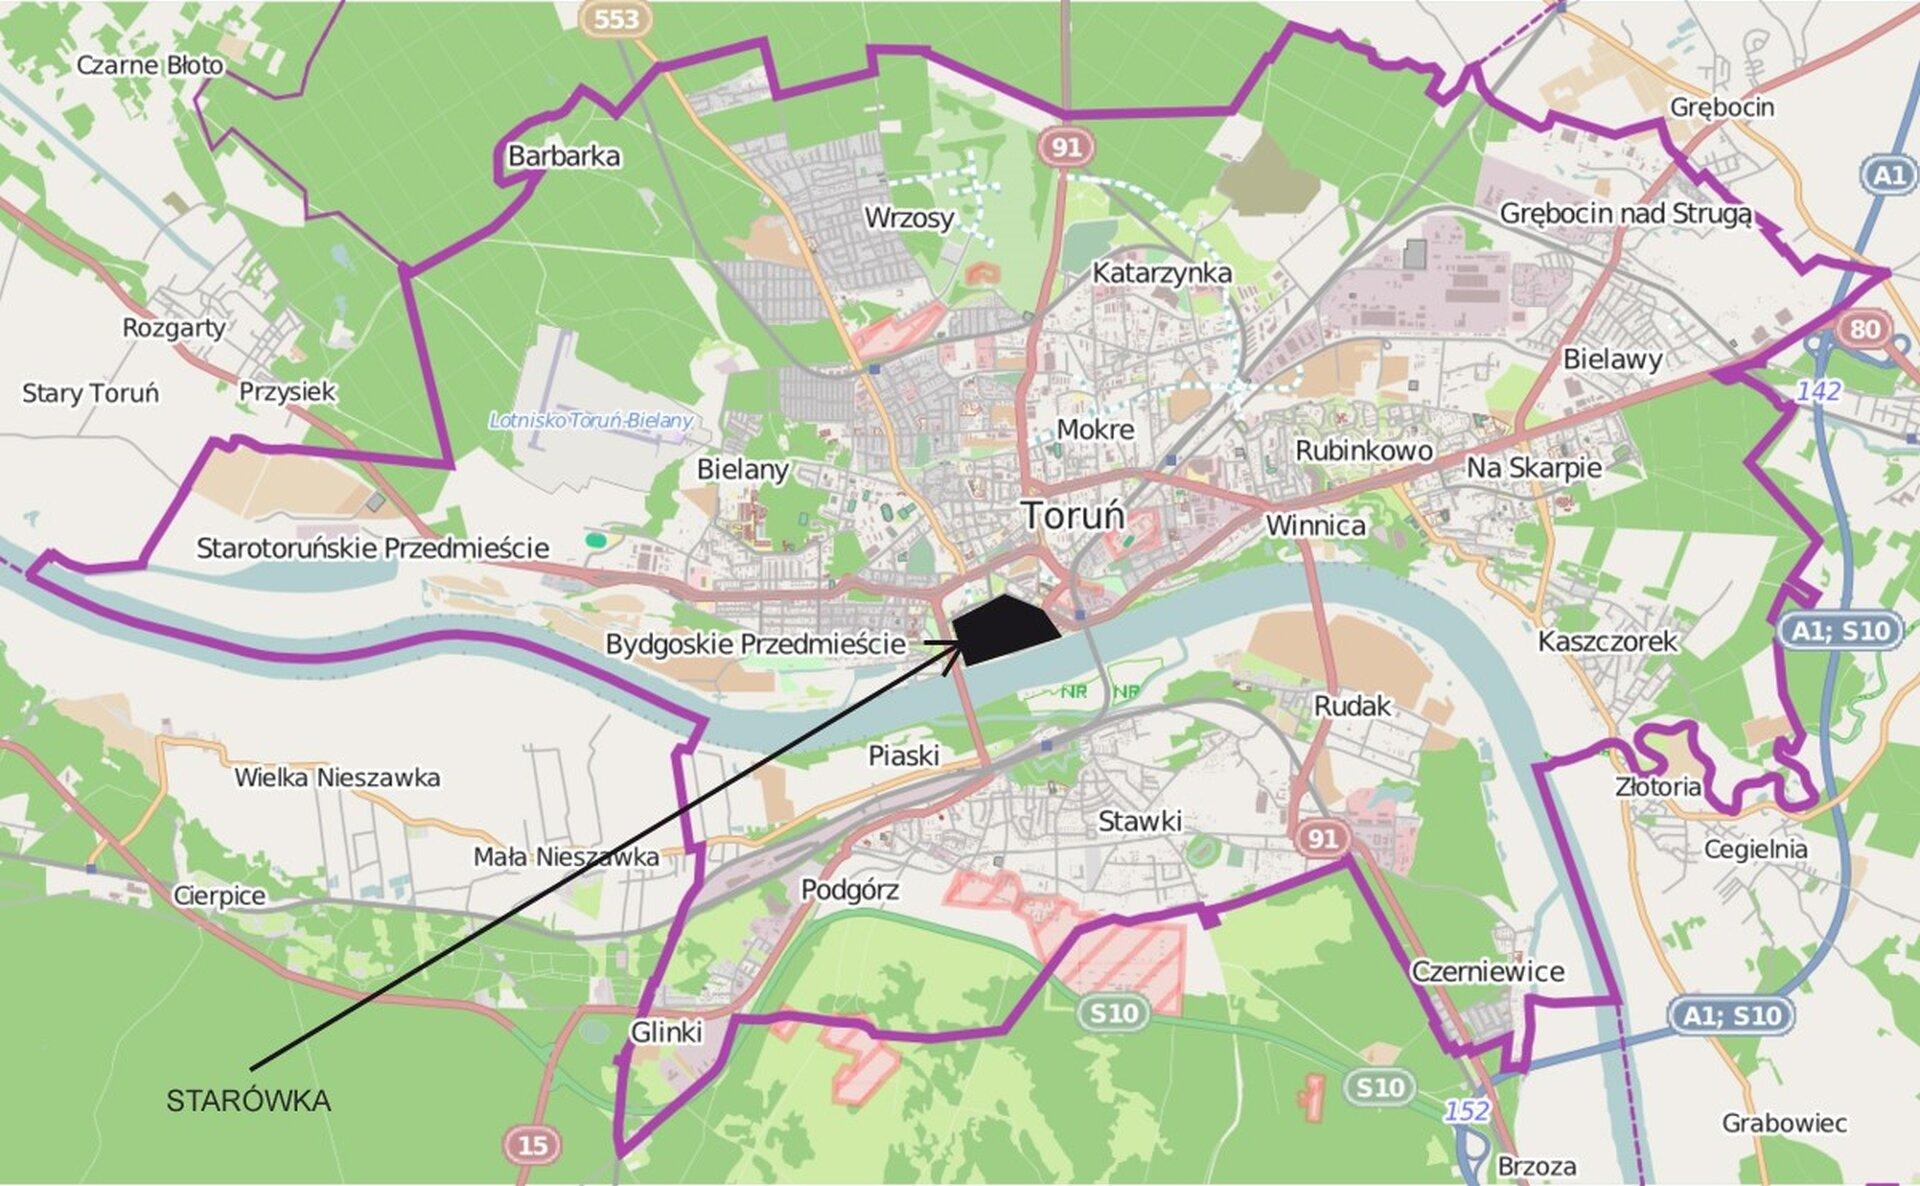 Ilustracja przedstawia współczesną mapę miasta Toruń. Mapa jest kolorowa. Zaznaczono na niej kolorem czarnym część, która stanowi starówkę miasta. Na mapie widać również nazwy dzielnić Torunia, akolorem fioletowym zaznaczono obszar administracyjny miasta.